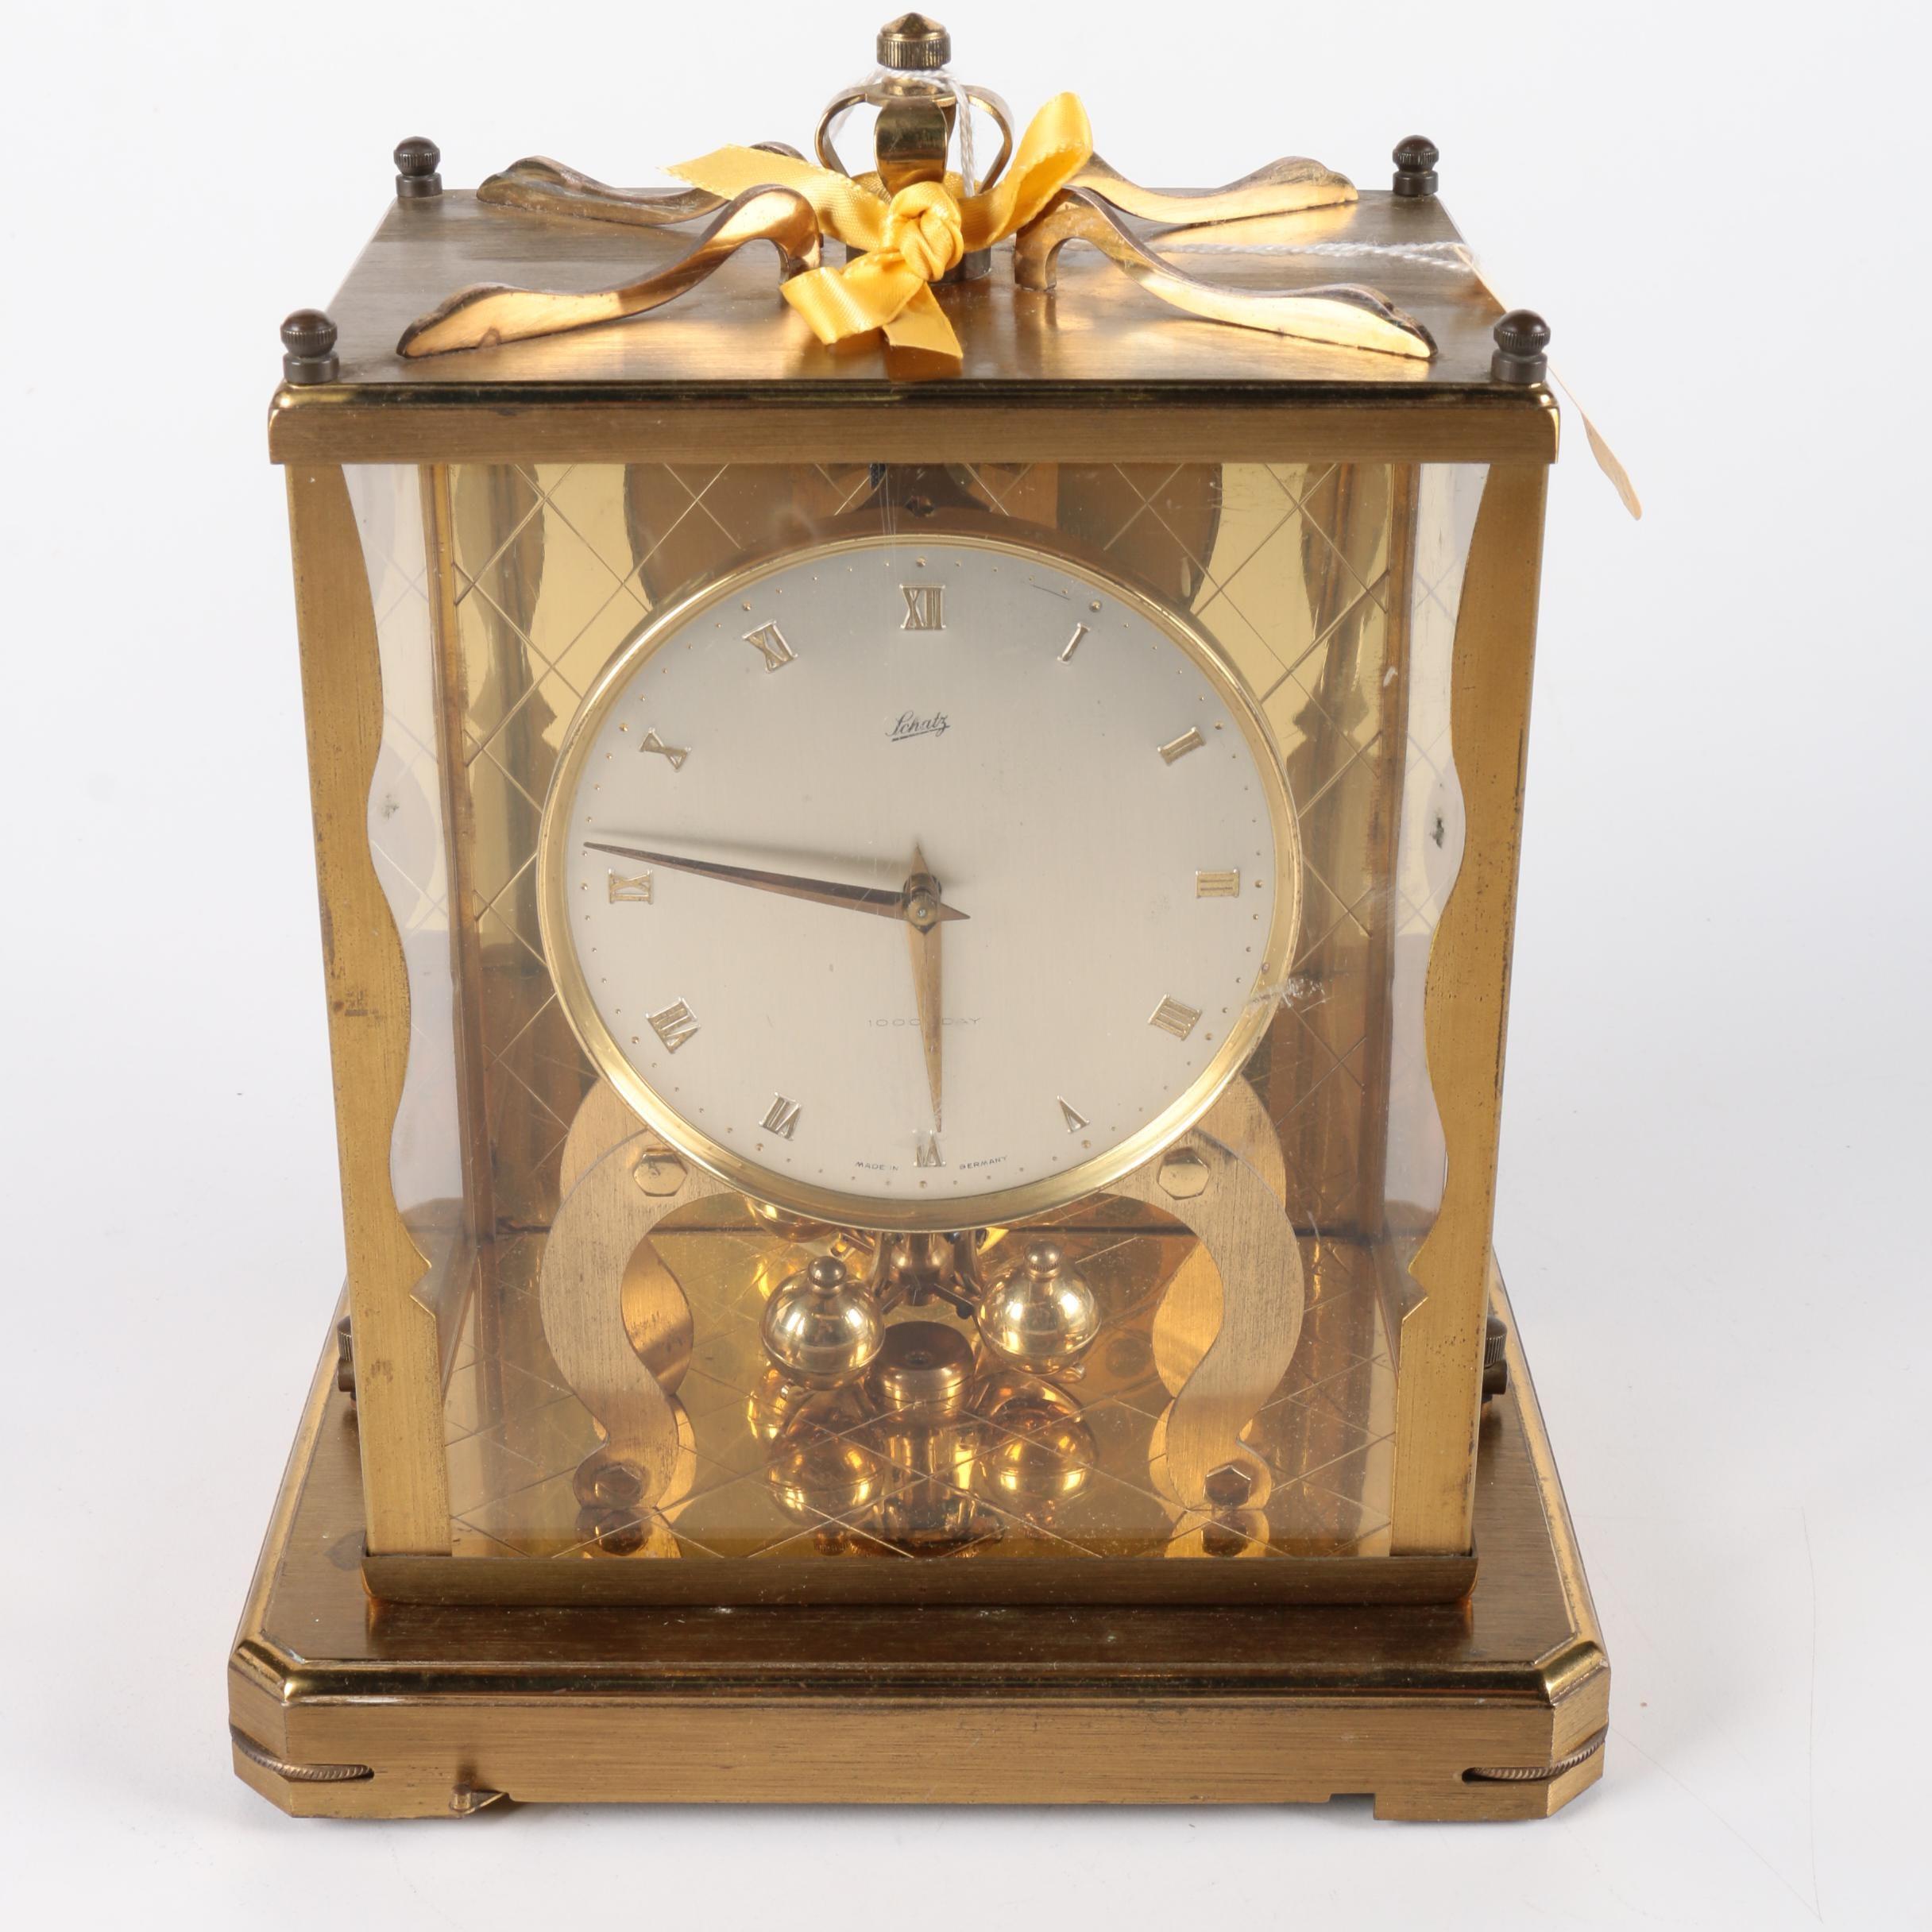 Schatz 1000 Day Brass Mantle Clock